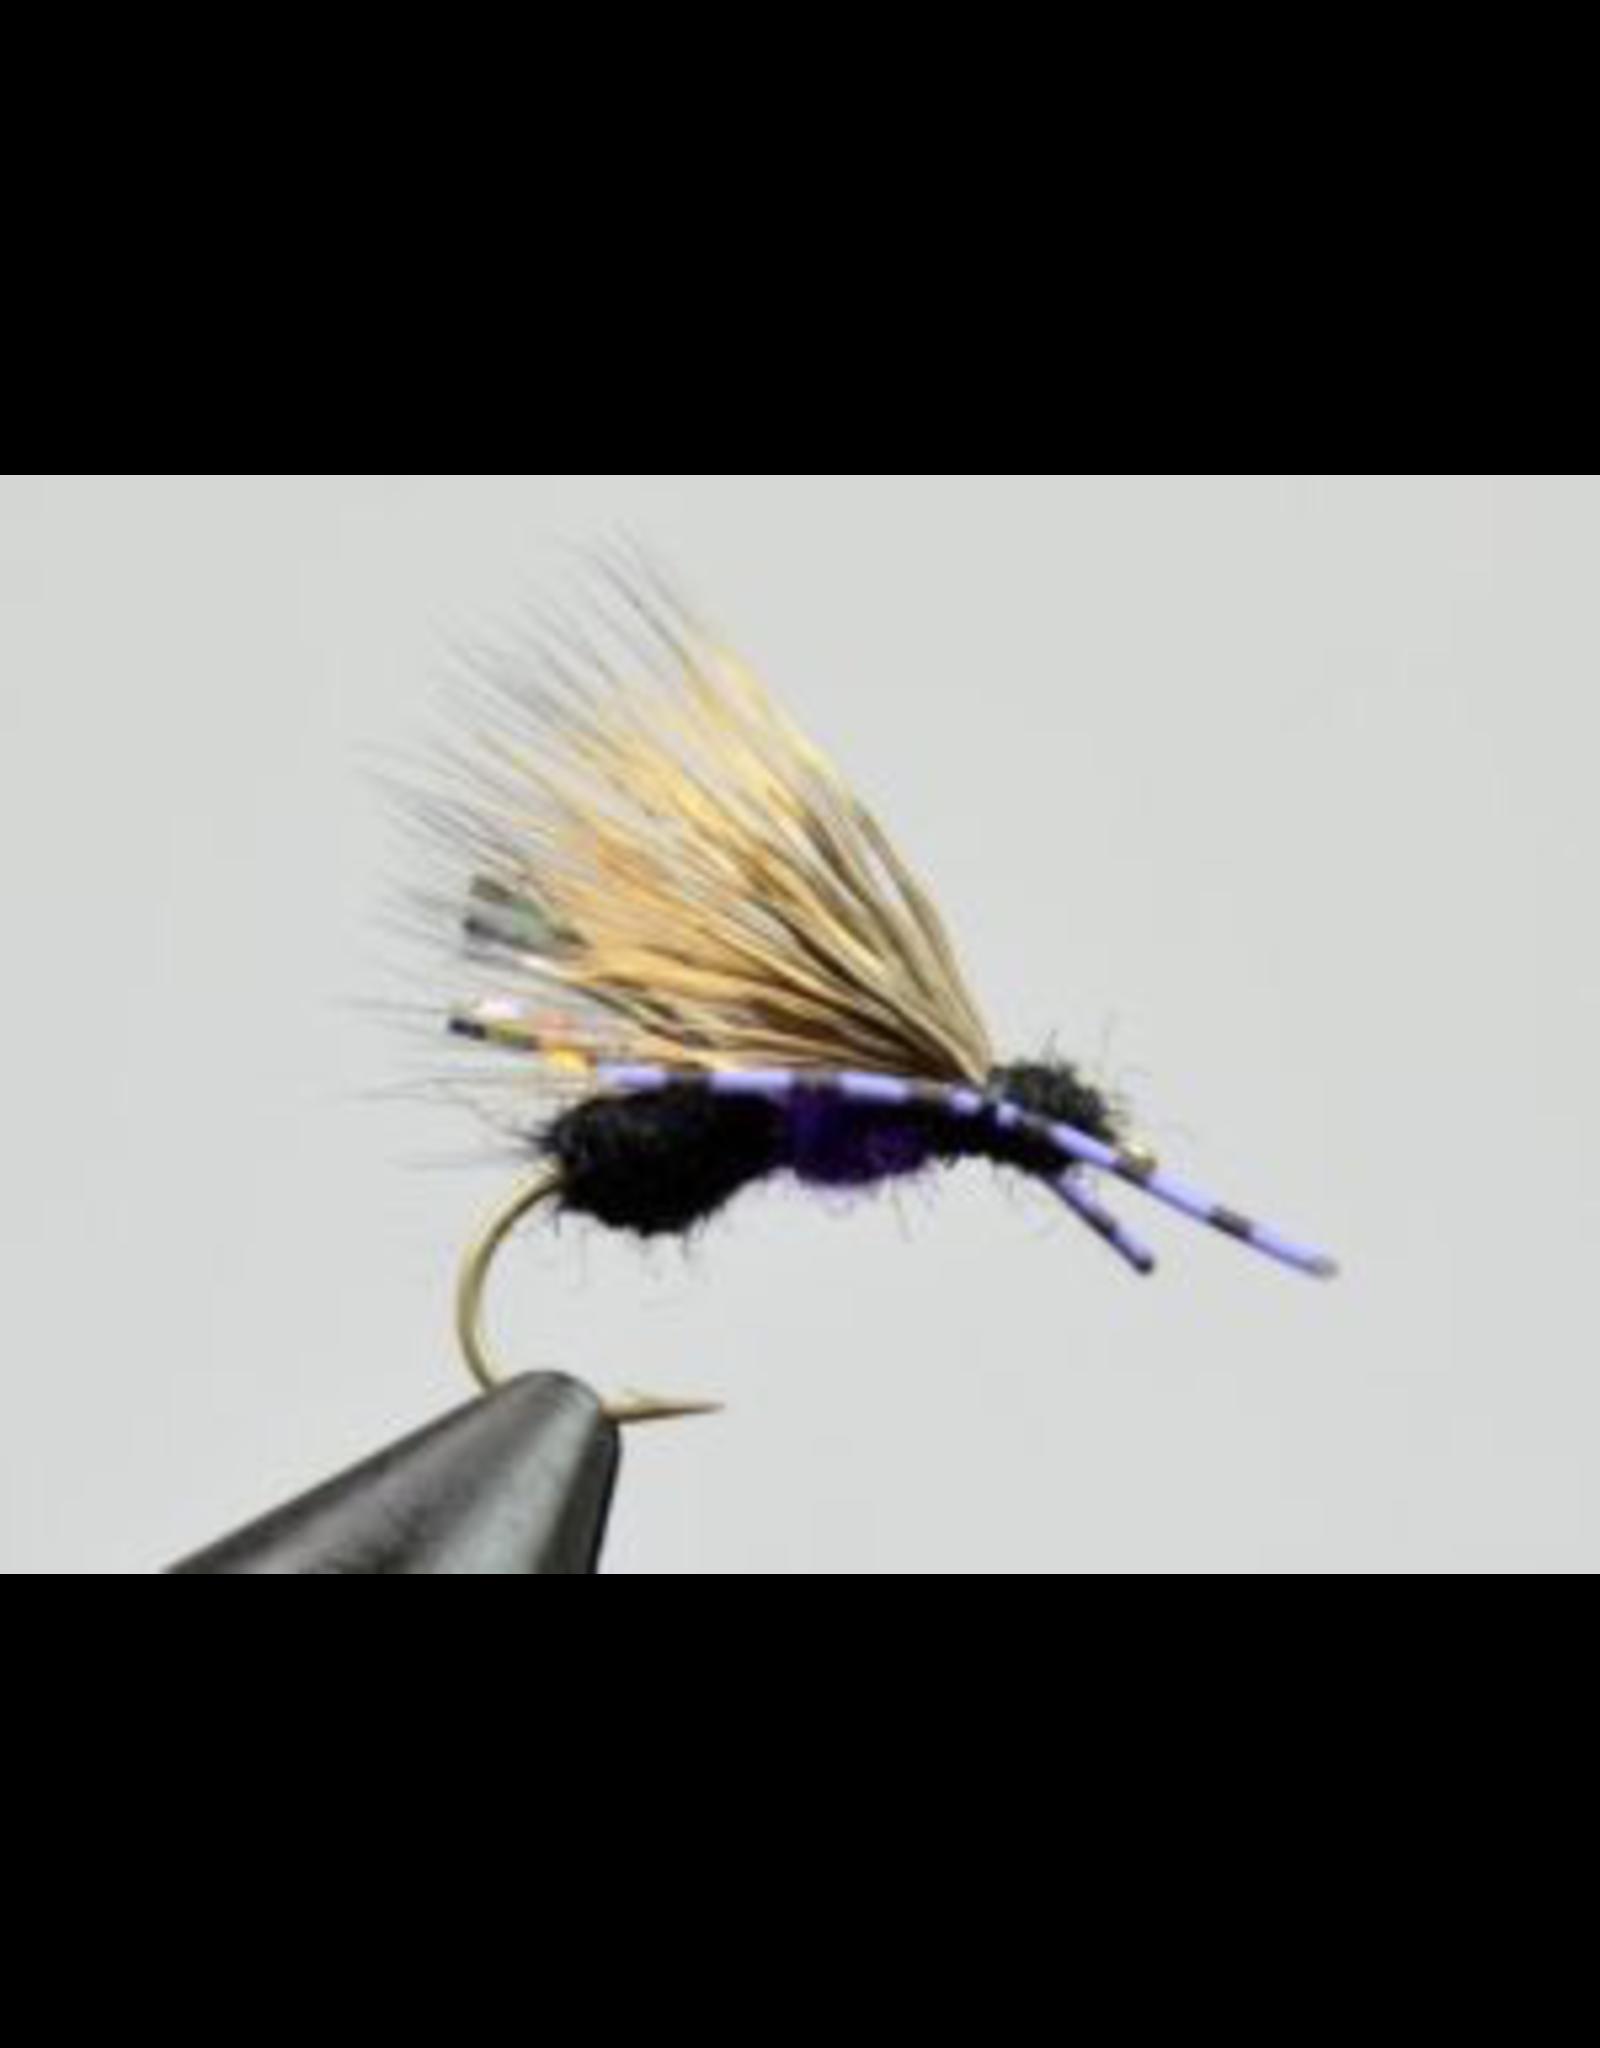 MFC Galloup's Ant Acid Black/Purple14 (3 Pack)